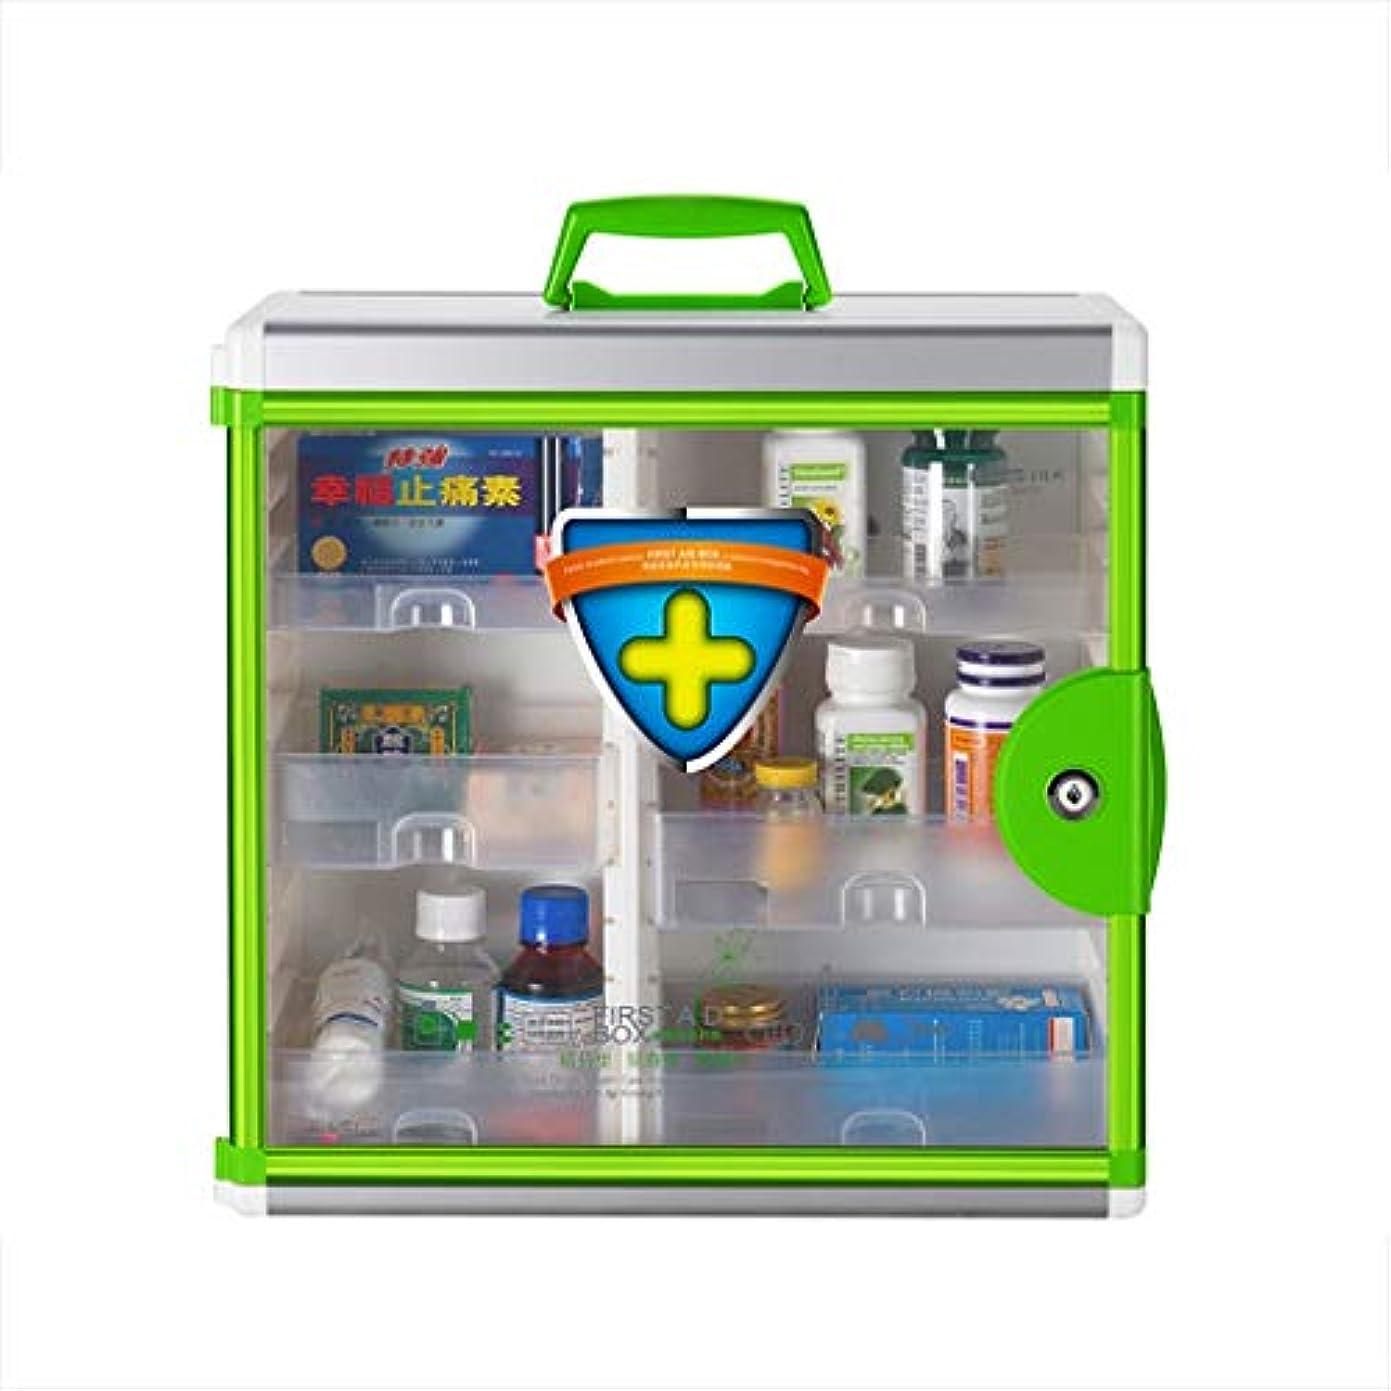 喜ぶ着陸基本的なCQ 応急処置キットホテルスペアメディカルボックス毎日の抗炎症薬ティッシュボックス